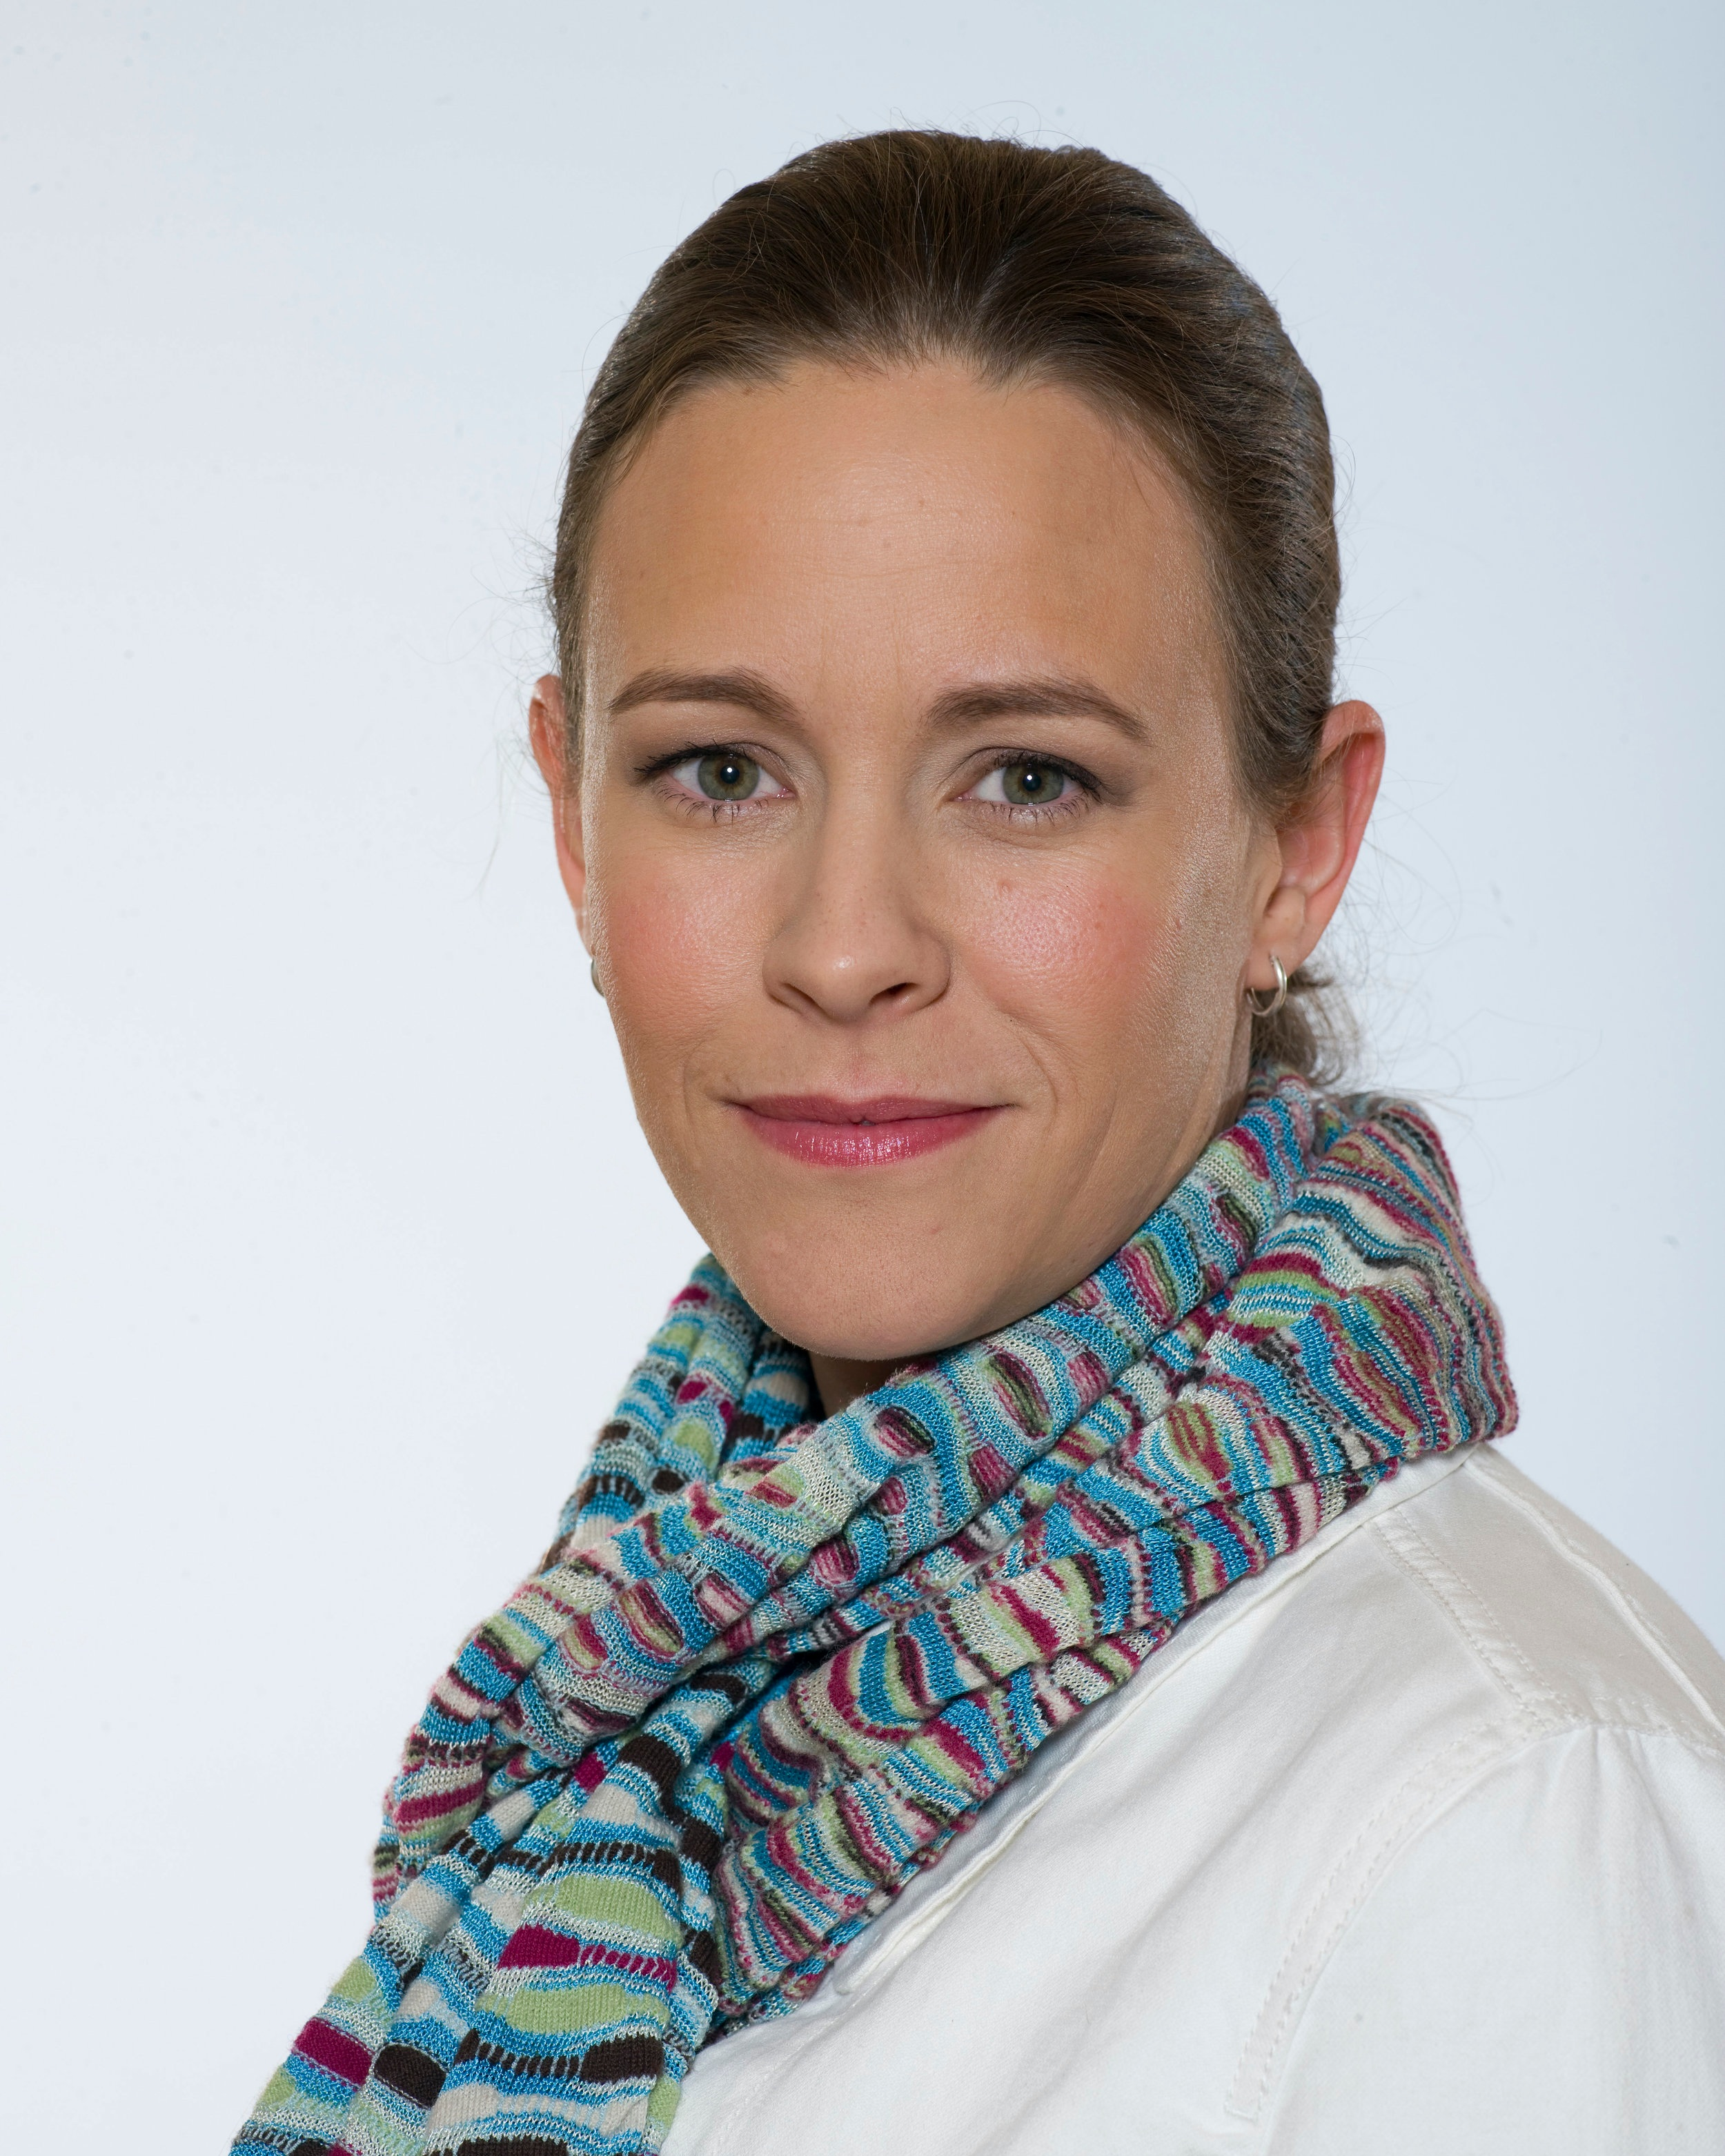 Maria Wetterstrand   VD för Miltton Purpose, hållbarhetskonsult och samhällsdebattör, tidigare språkrör för Miljöpartiet.